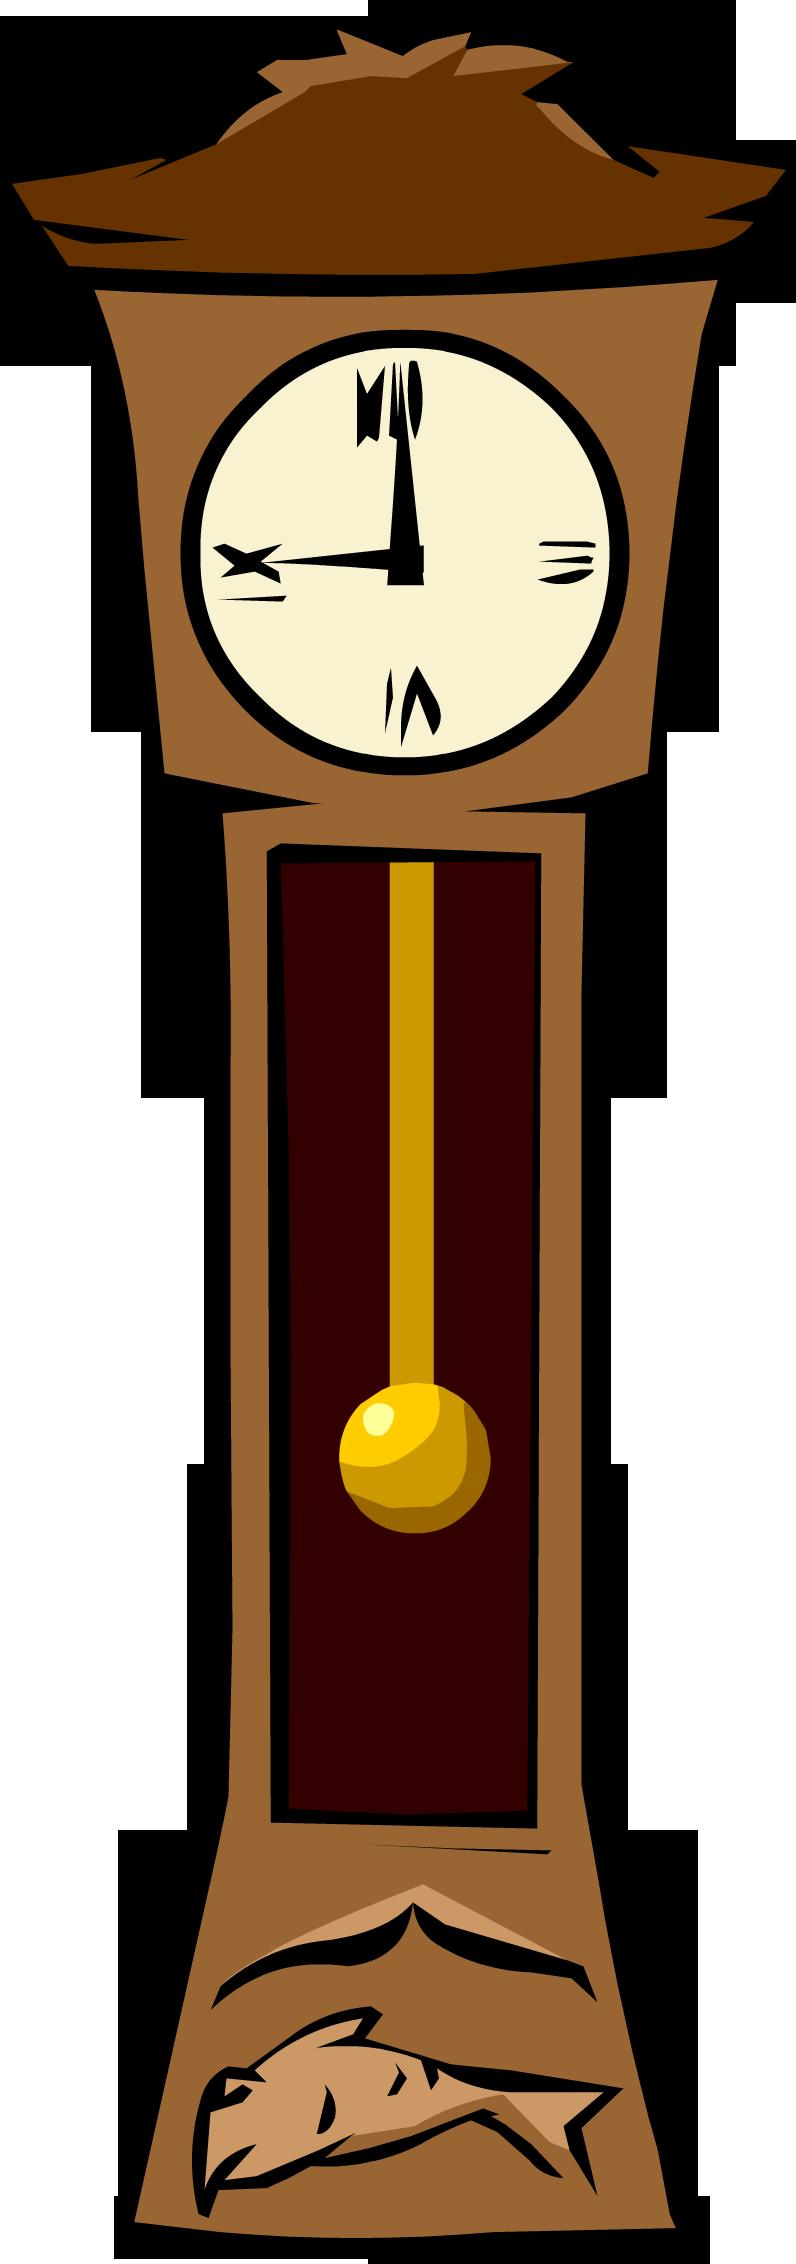 Clocks grandpa